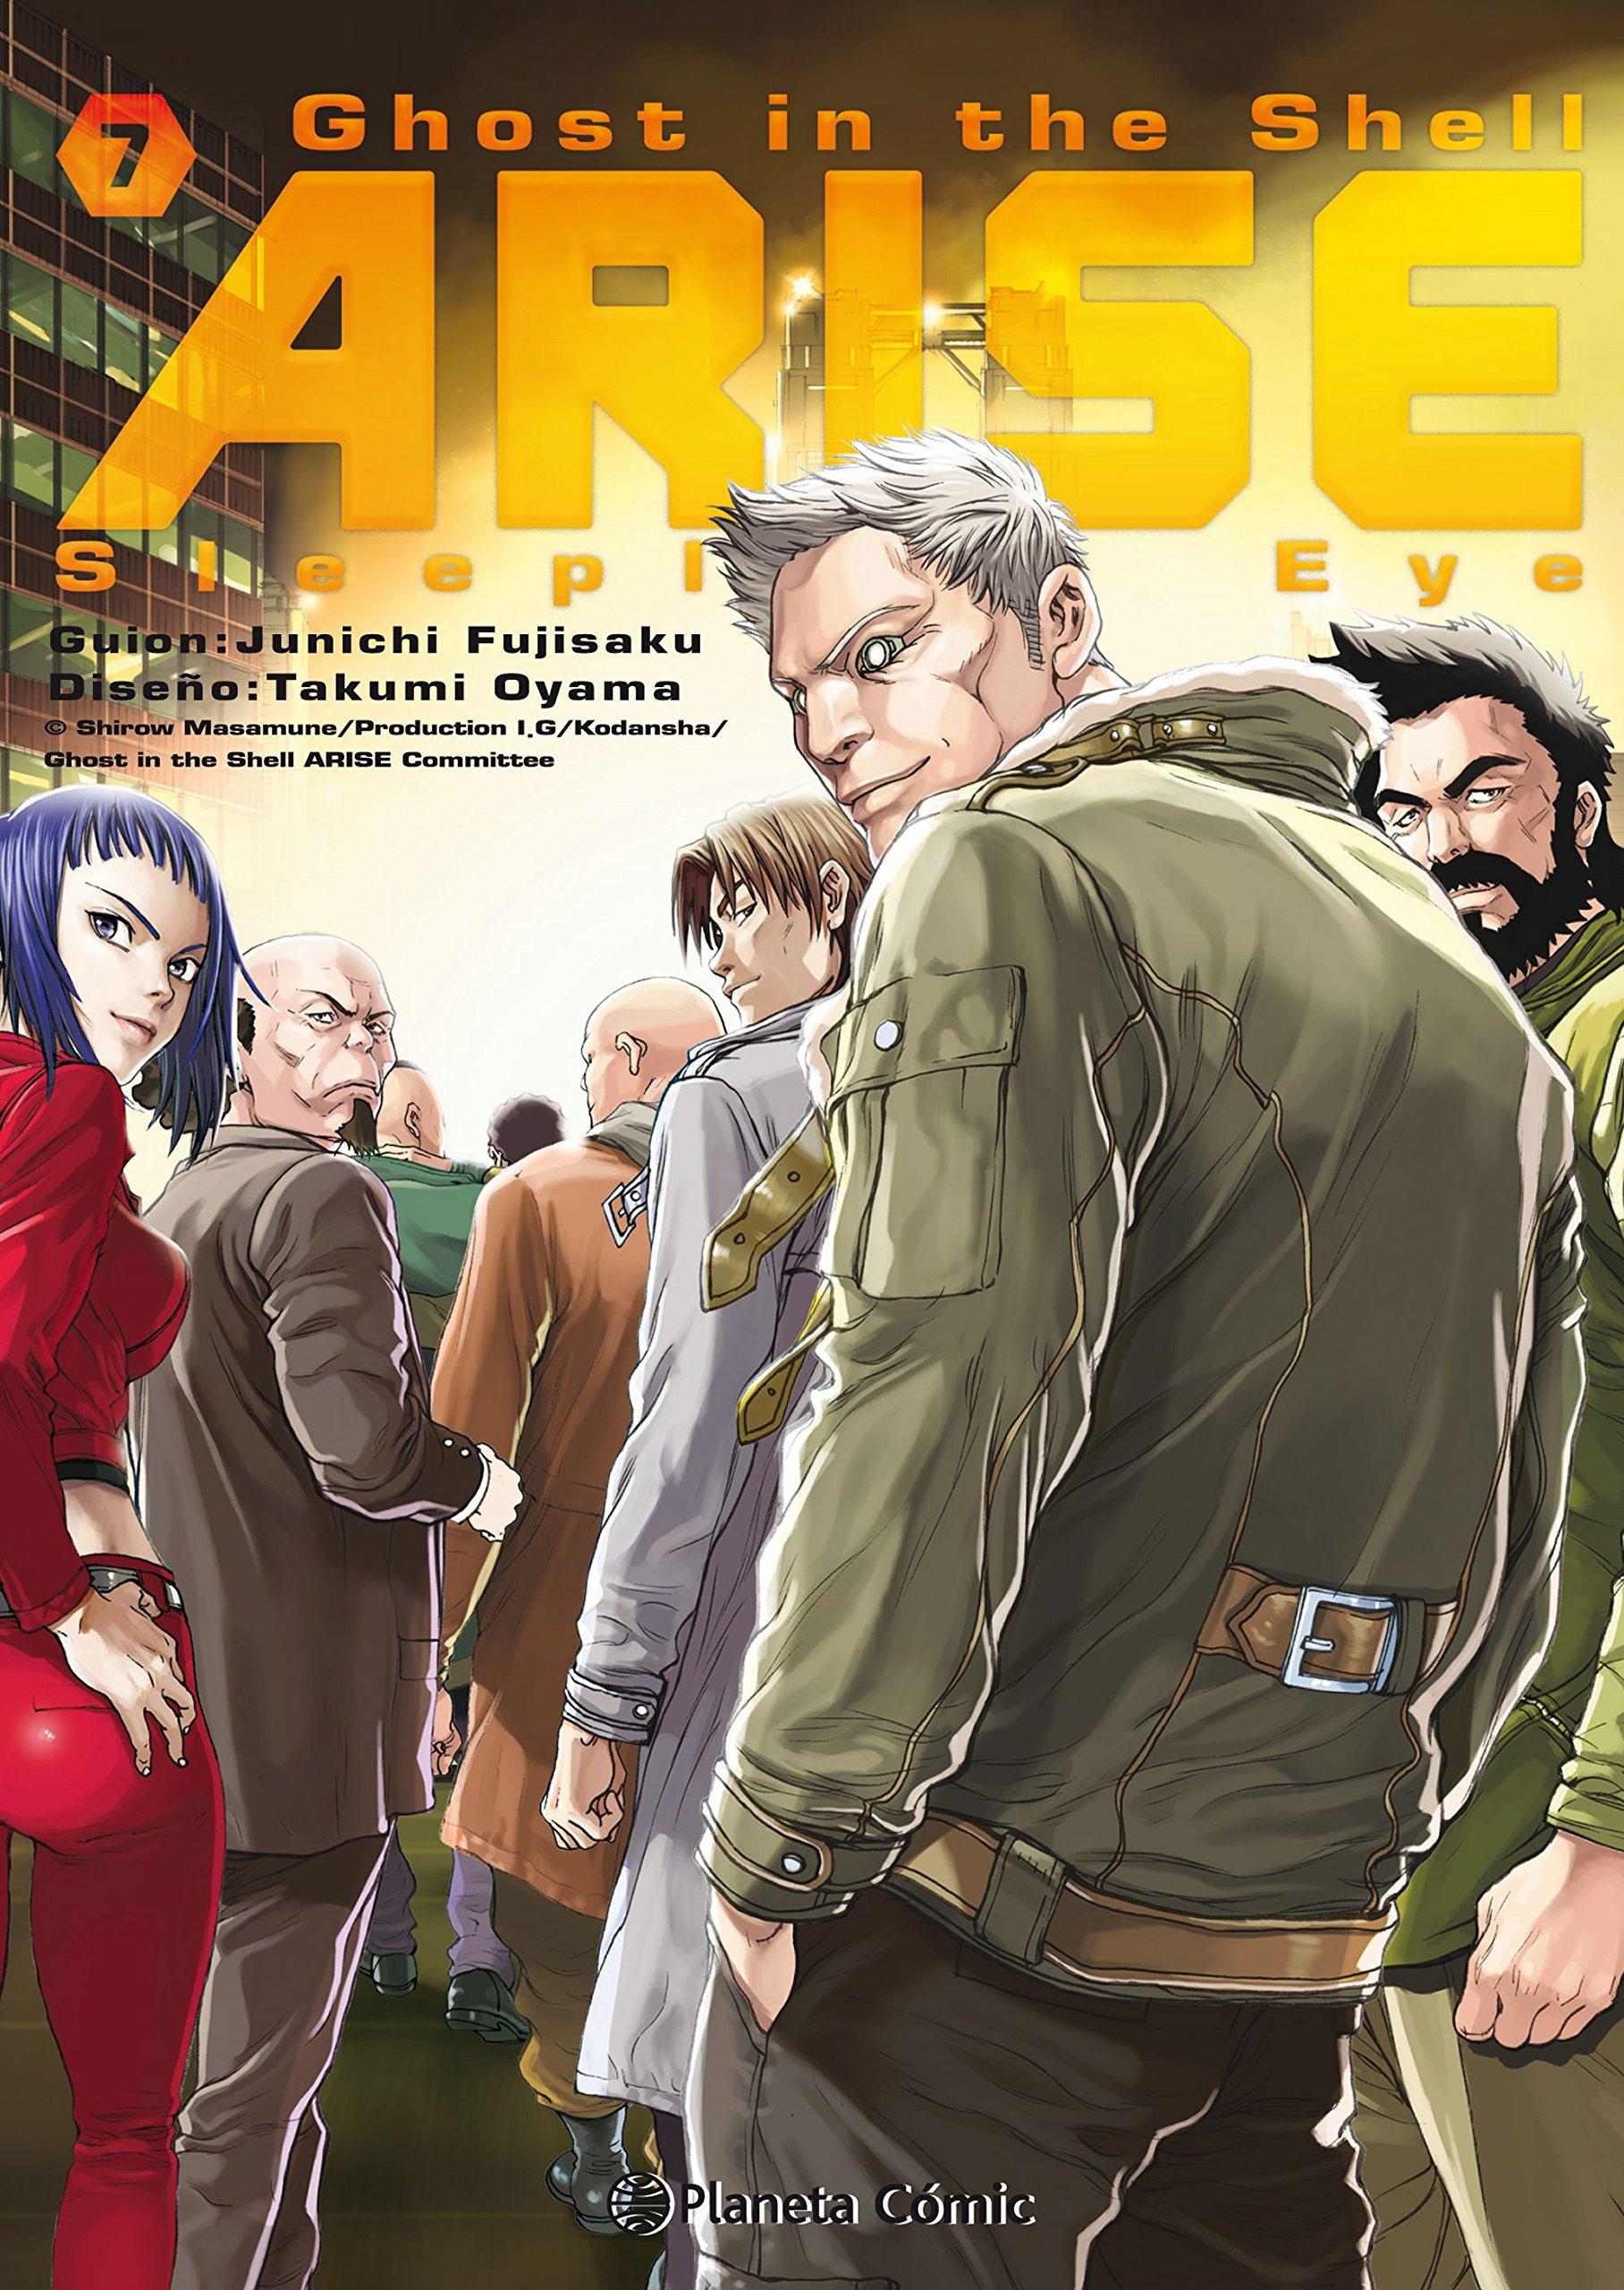 Ghost in the Shell Arise nº 07/07 (Manga Seinen): Amazon.es: Oyama, Takumi, Daruma: Libros